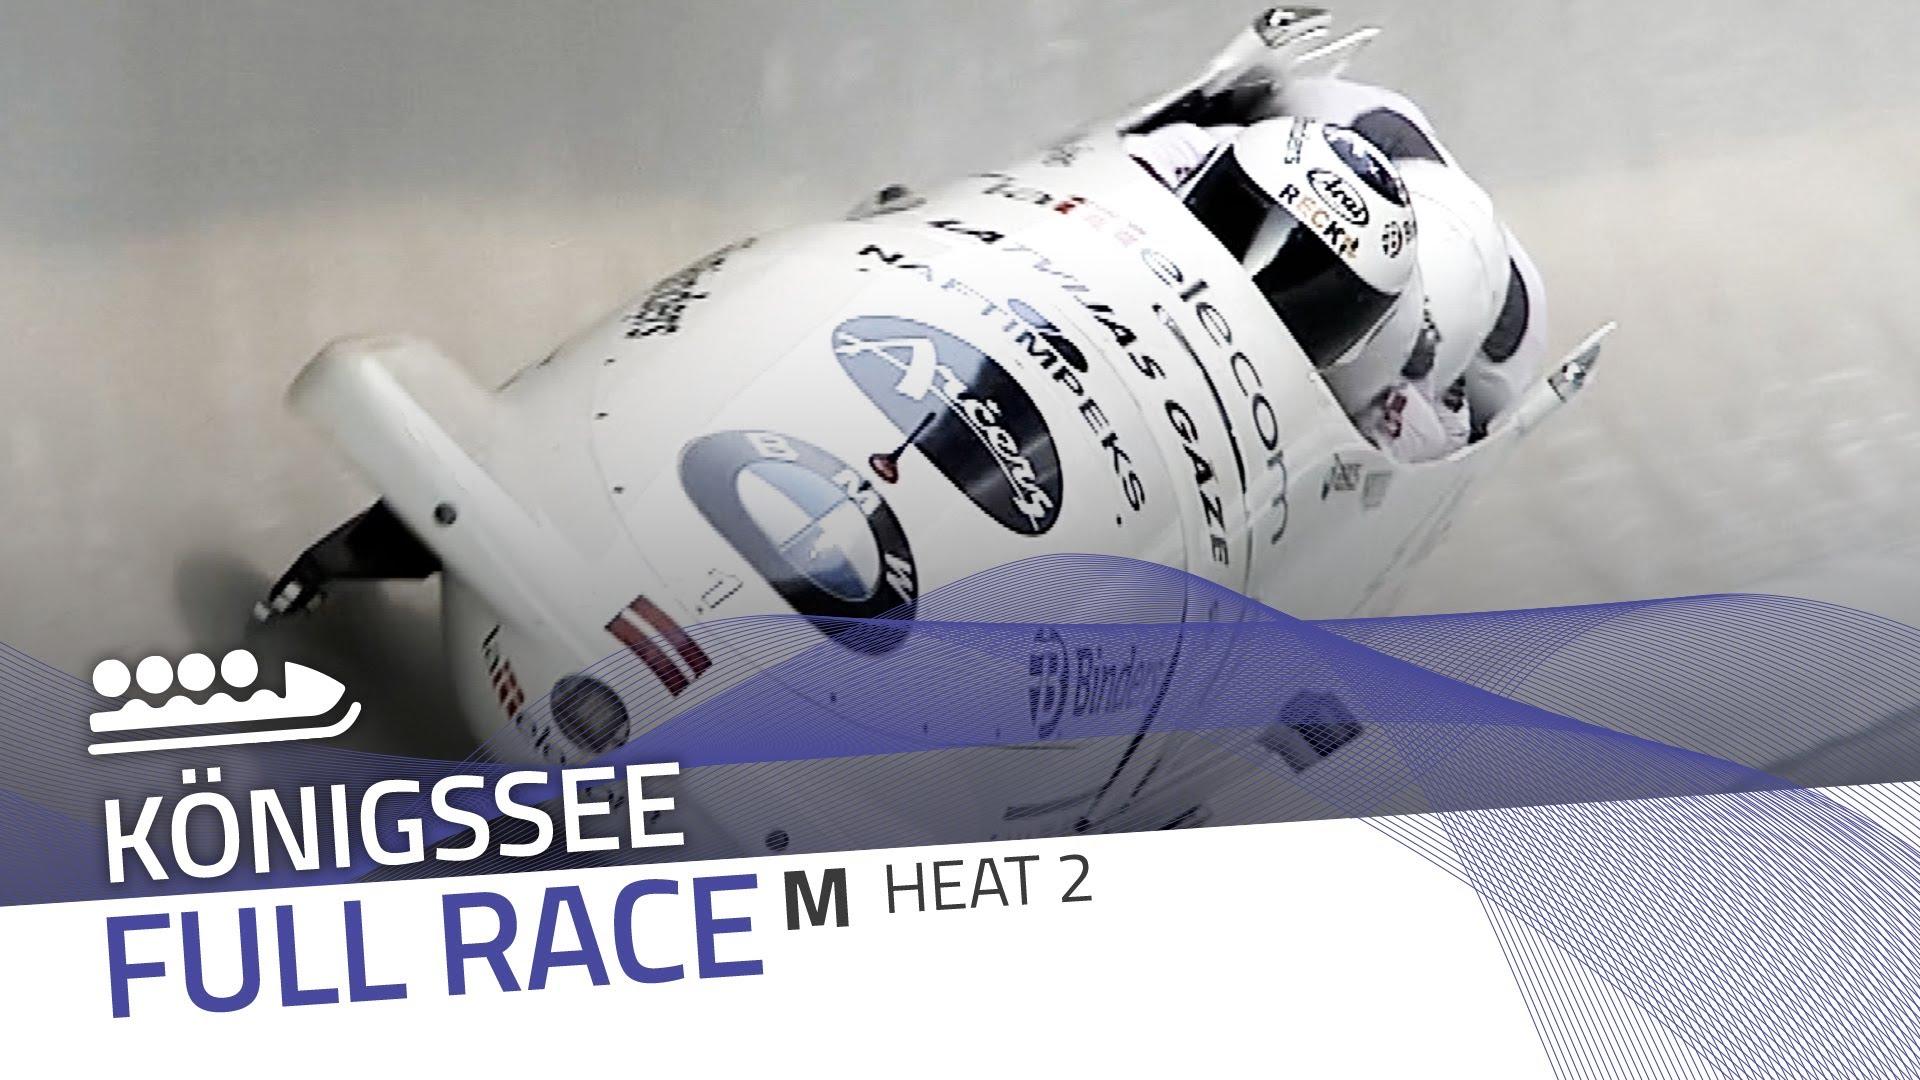 Königssee | bmw ibsf world cup 2015/2016 - 4-man bobsleigh heat 2 | ibsf official